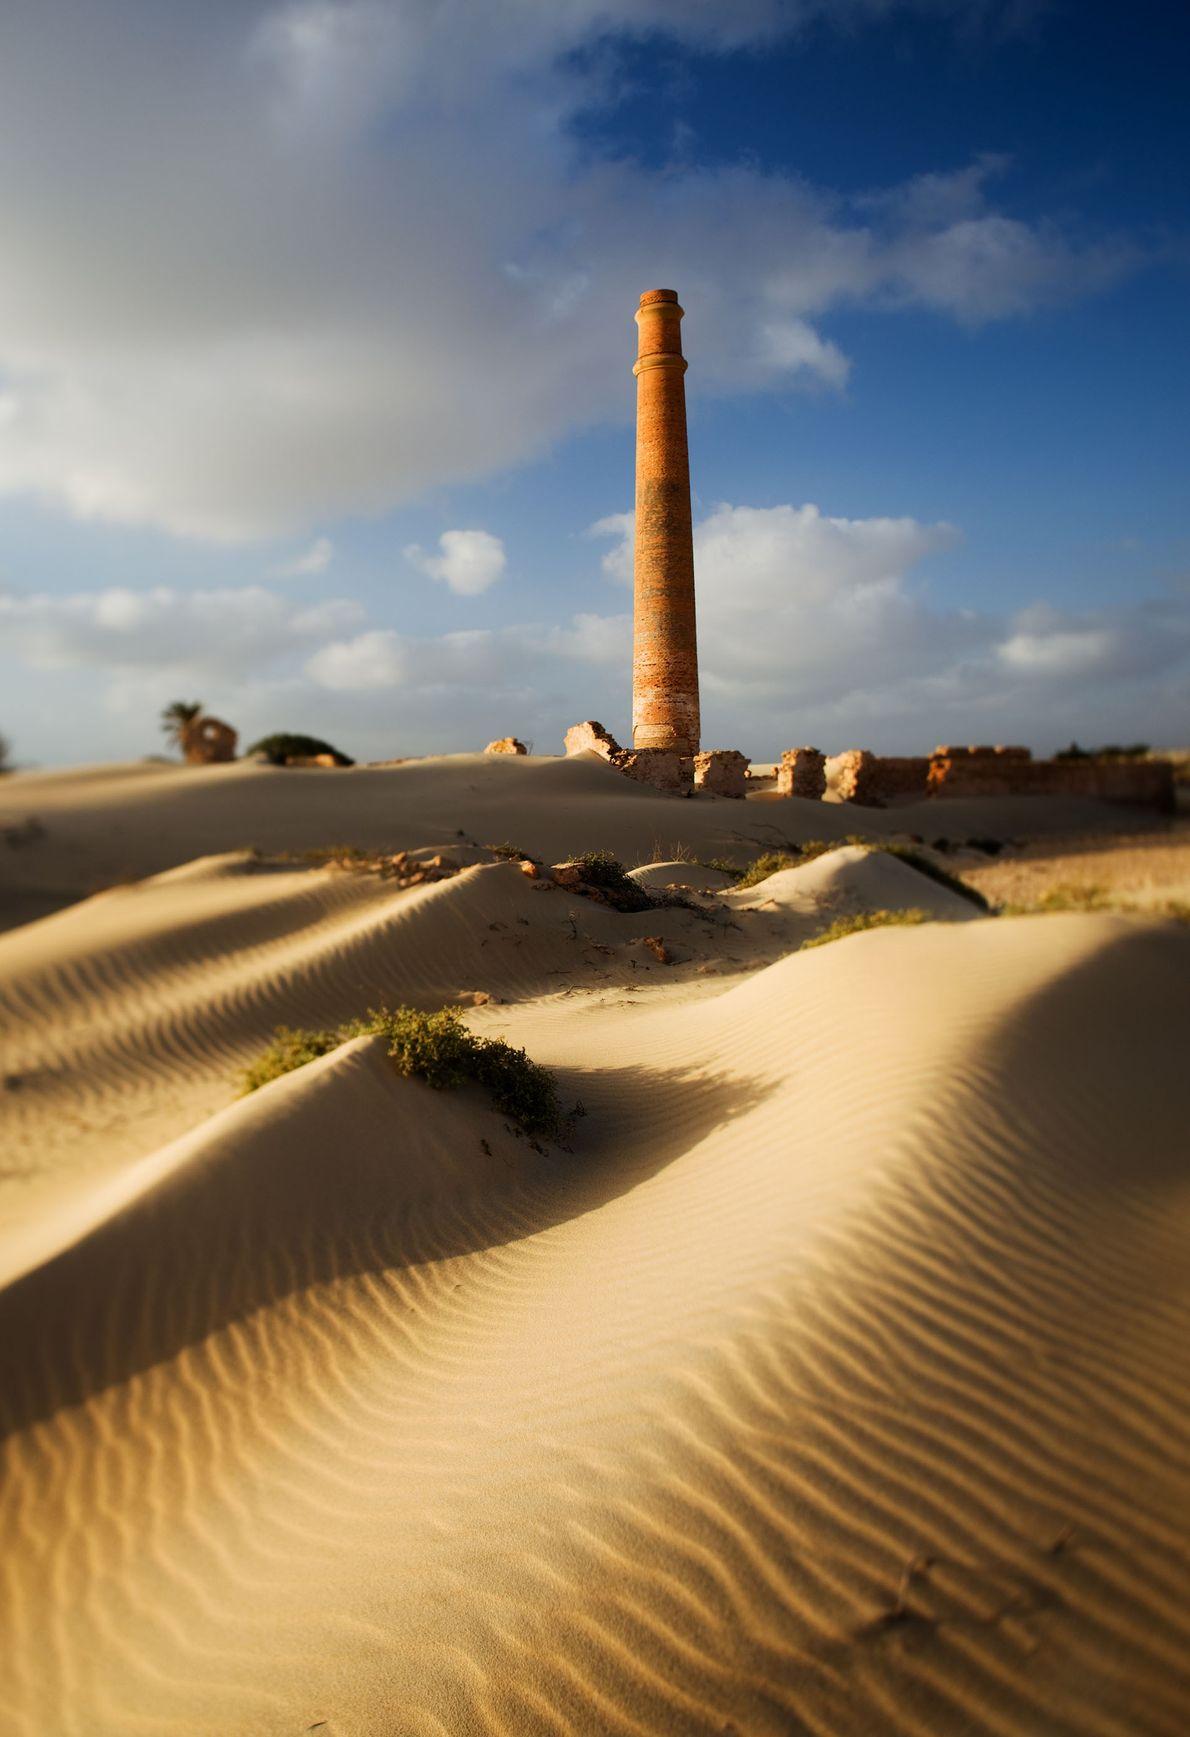 The desert.